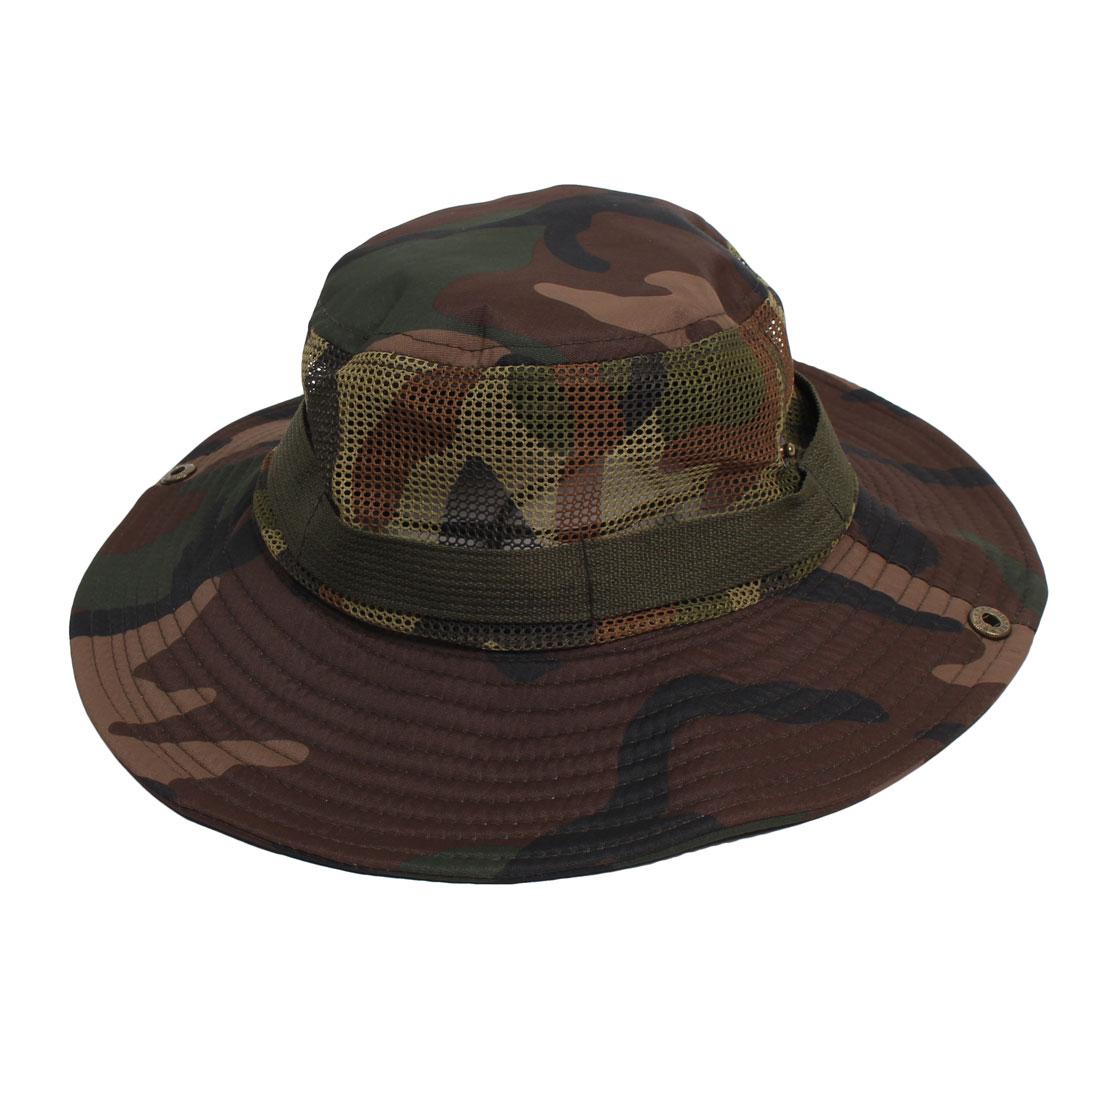 Unisex Camouflage Pattern Mesh Design Sunbonnet Fishing Hat Cap